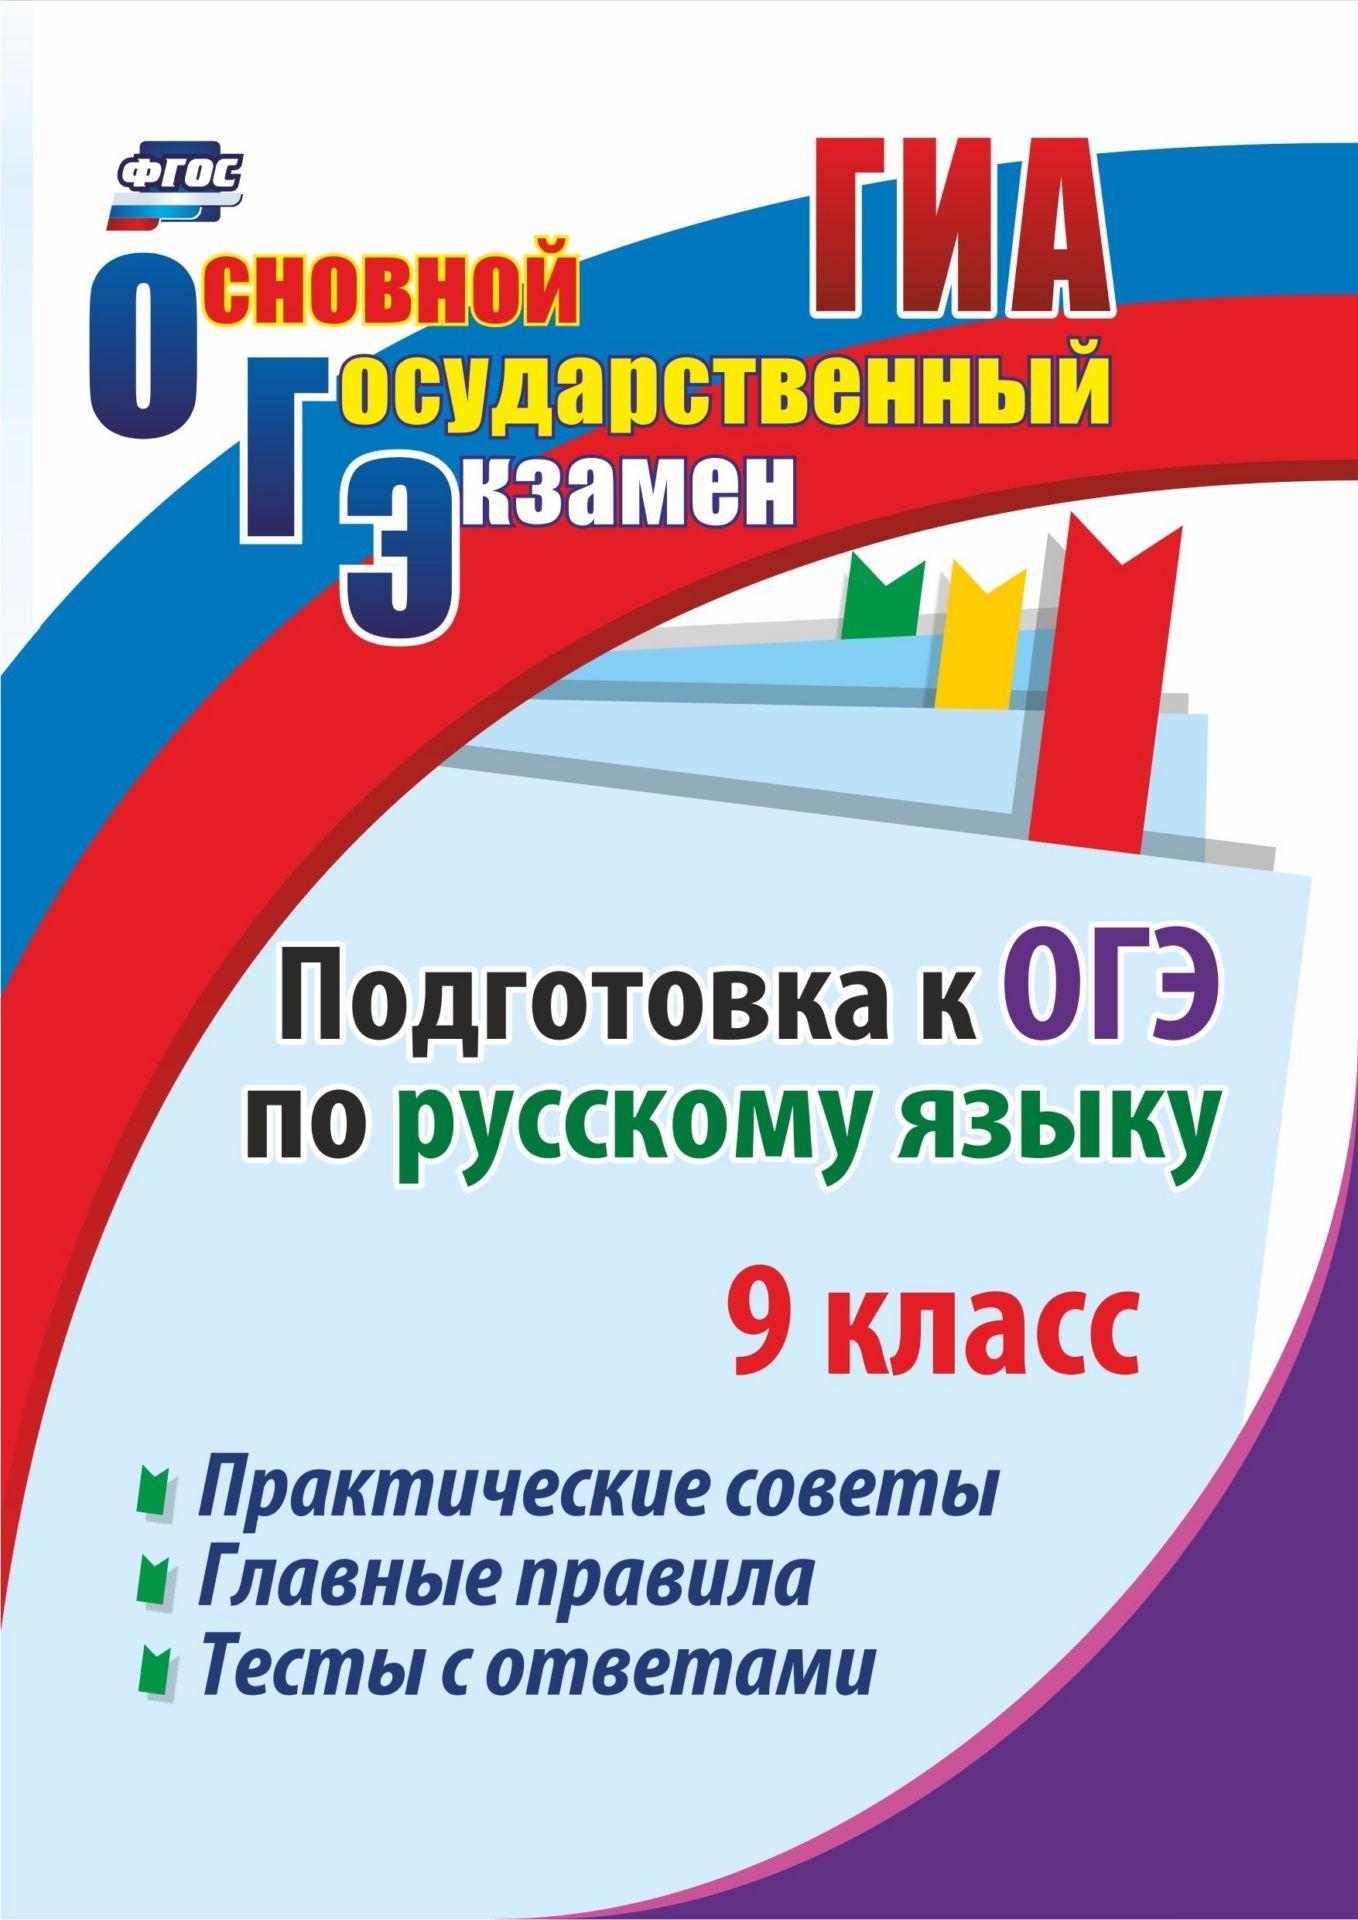 Подготовка к ОГЭ по русскому языку. 9 класс: Практические советы. Главные правила. Тесты с ответами